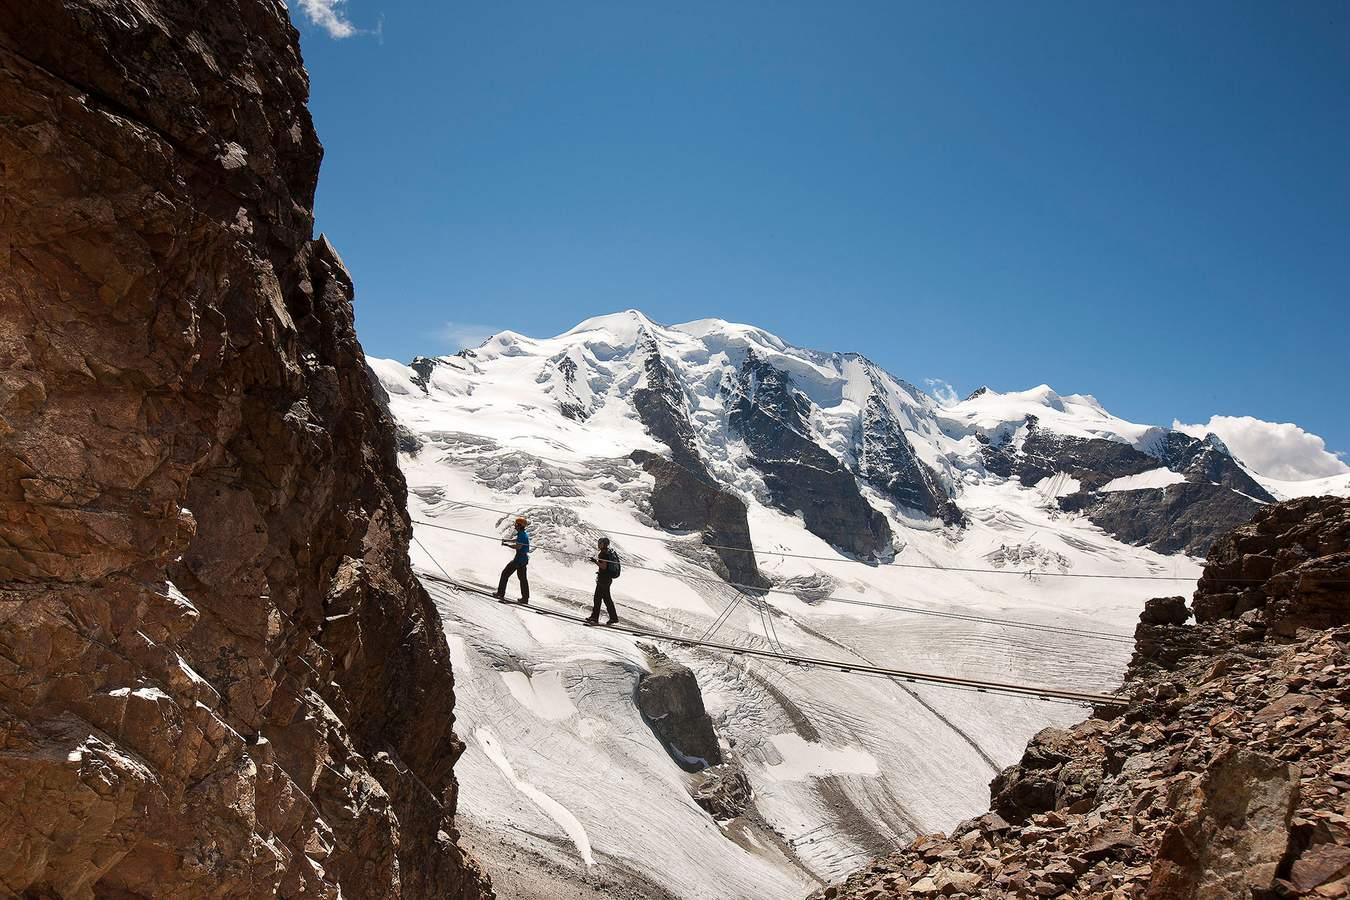 Klettersteig Pontresina : Hochtouren klettern in pontresina im engadin